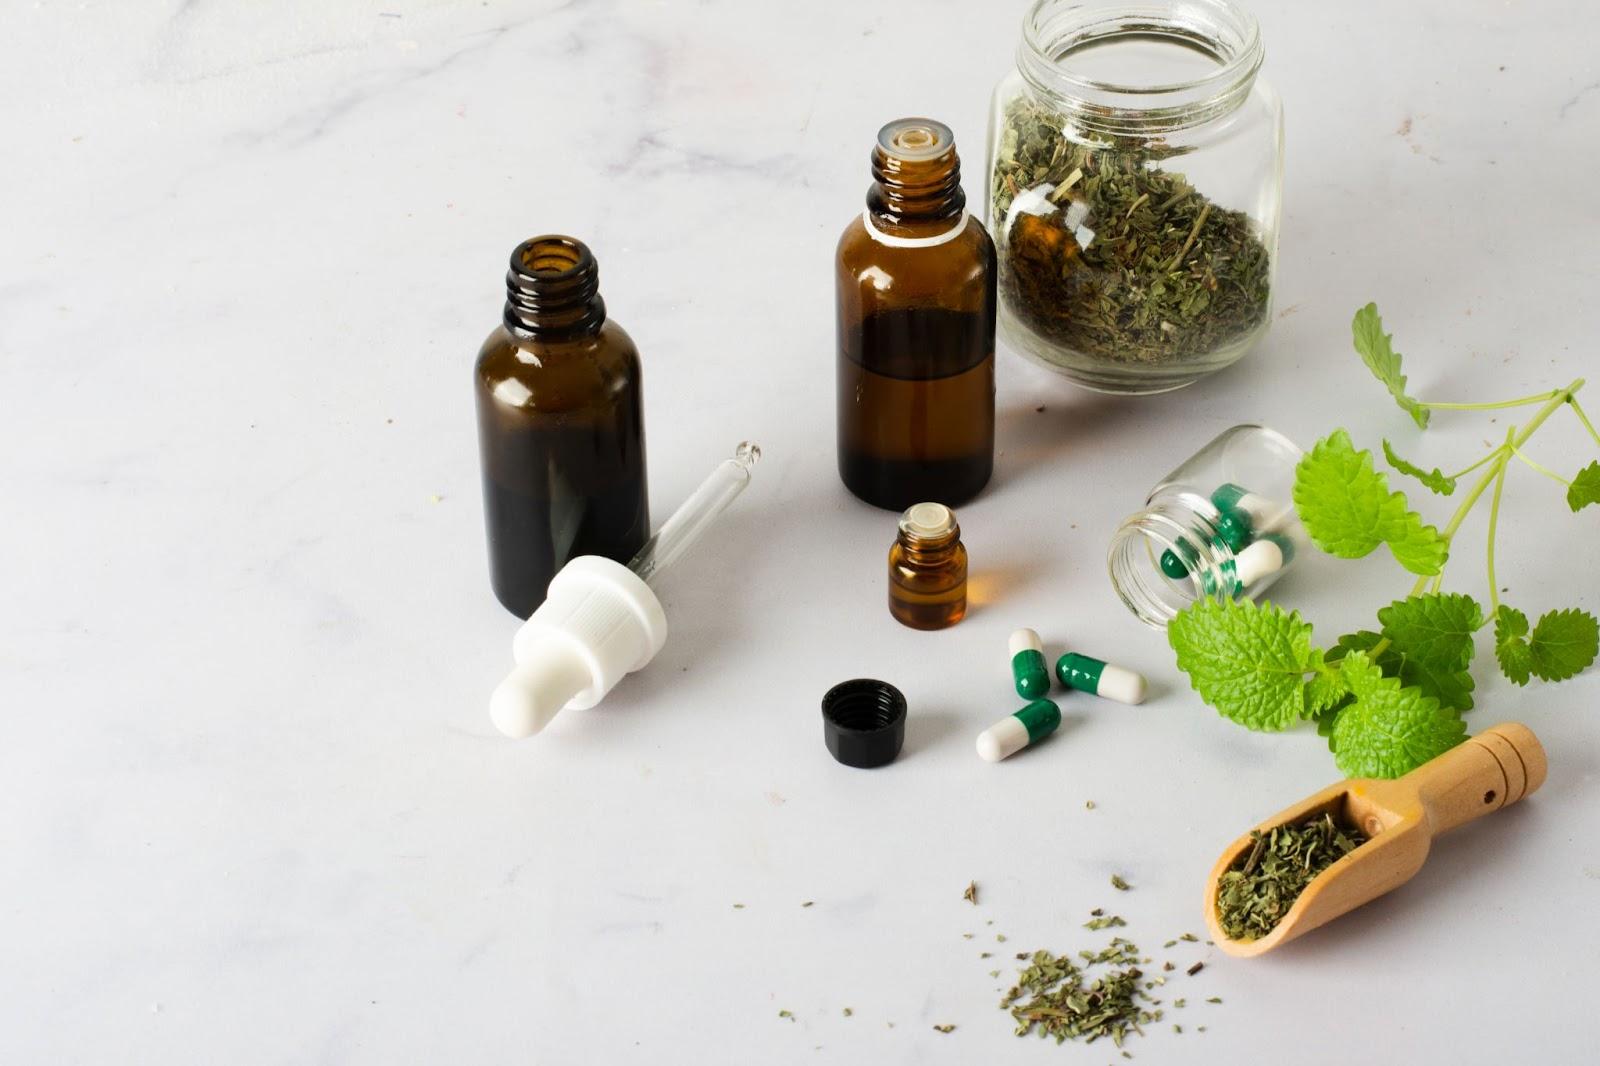 4 непростых вопроса, которые часто задают клиенты магазинов китайских препаратов